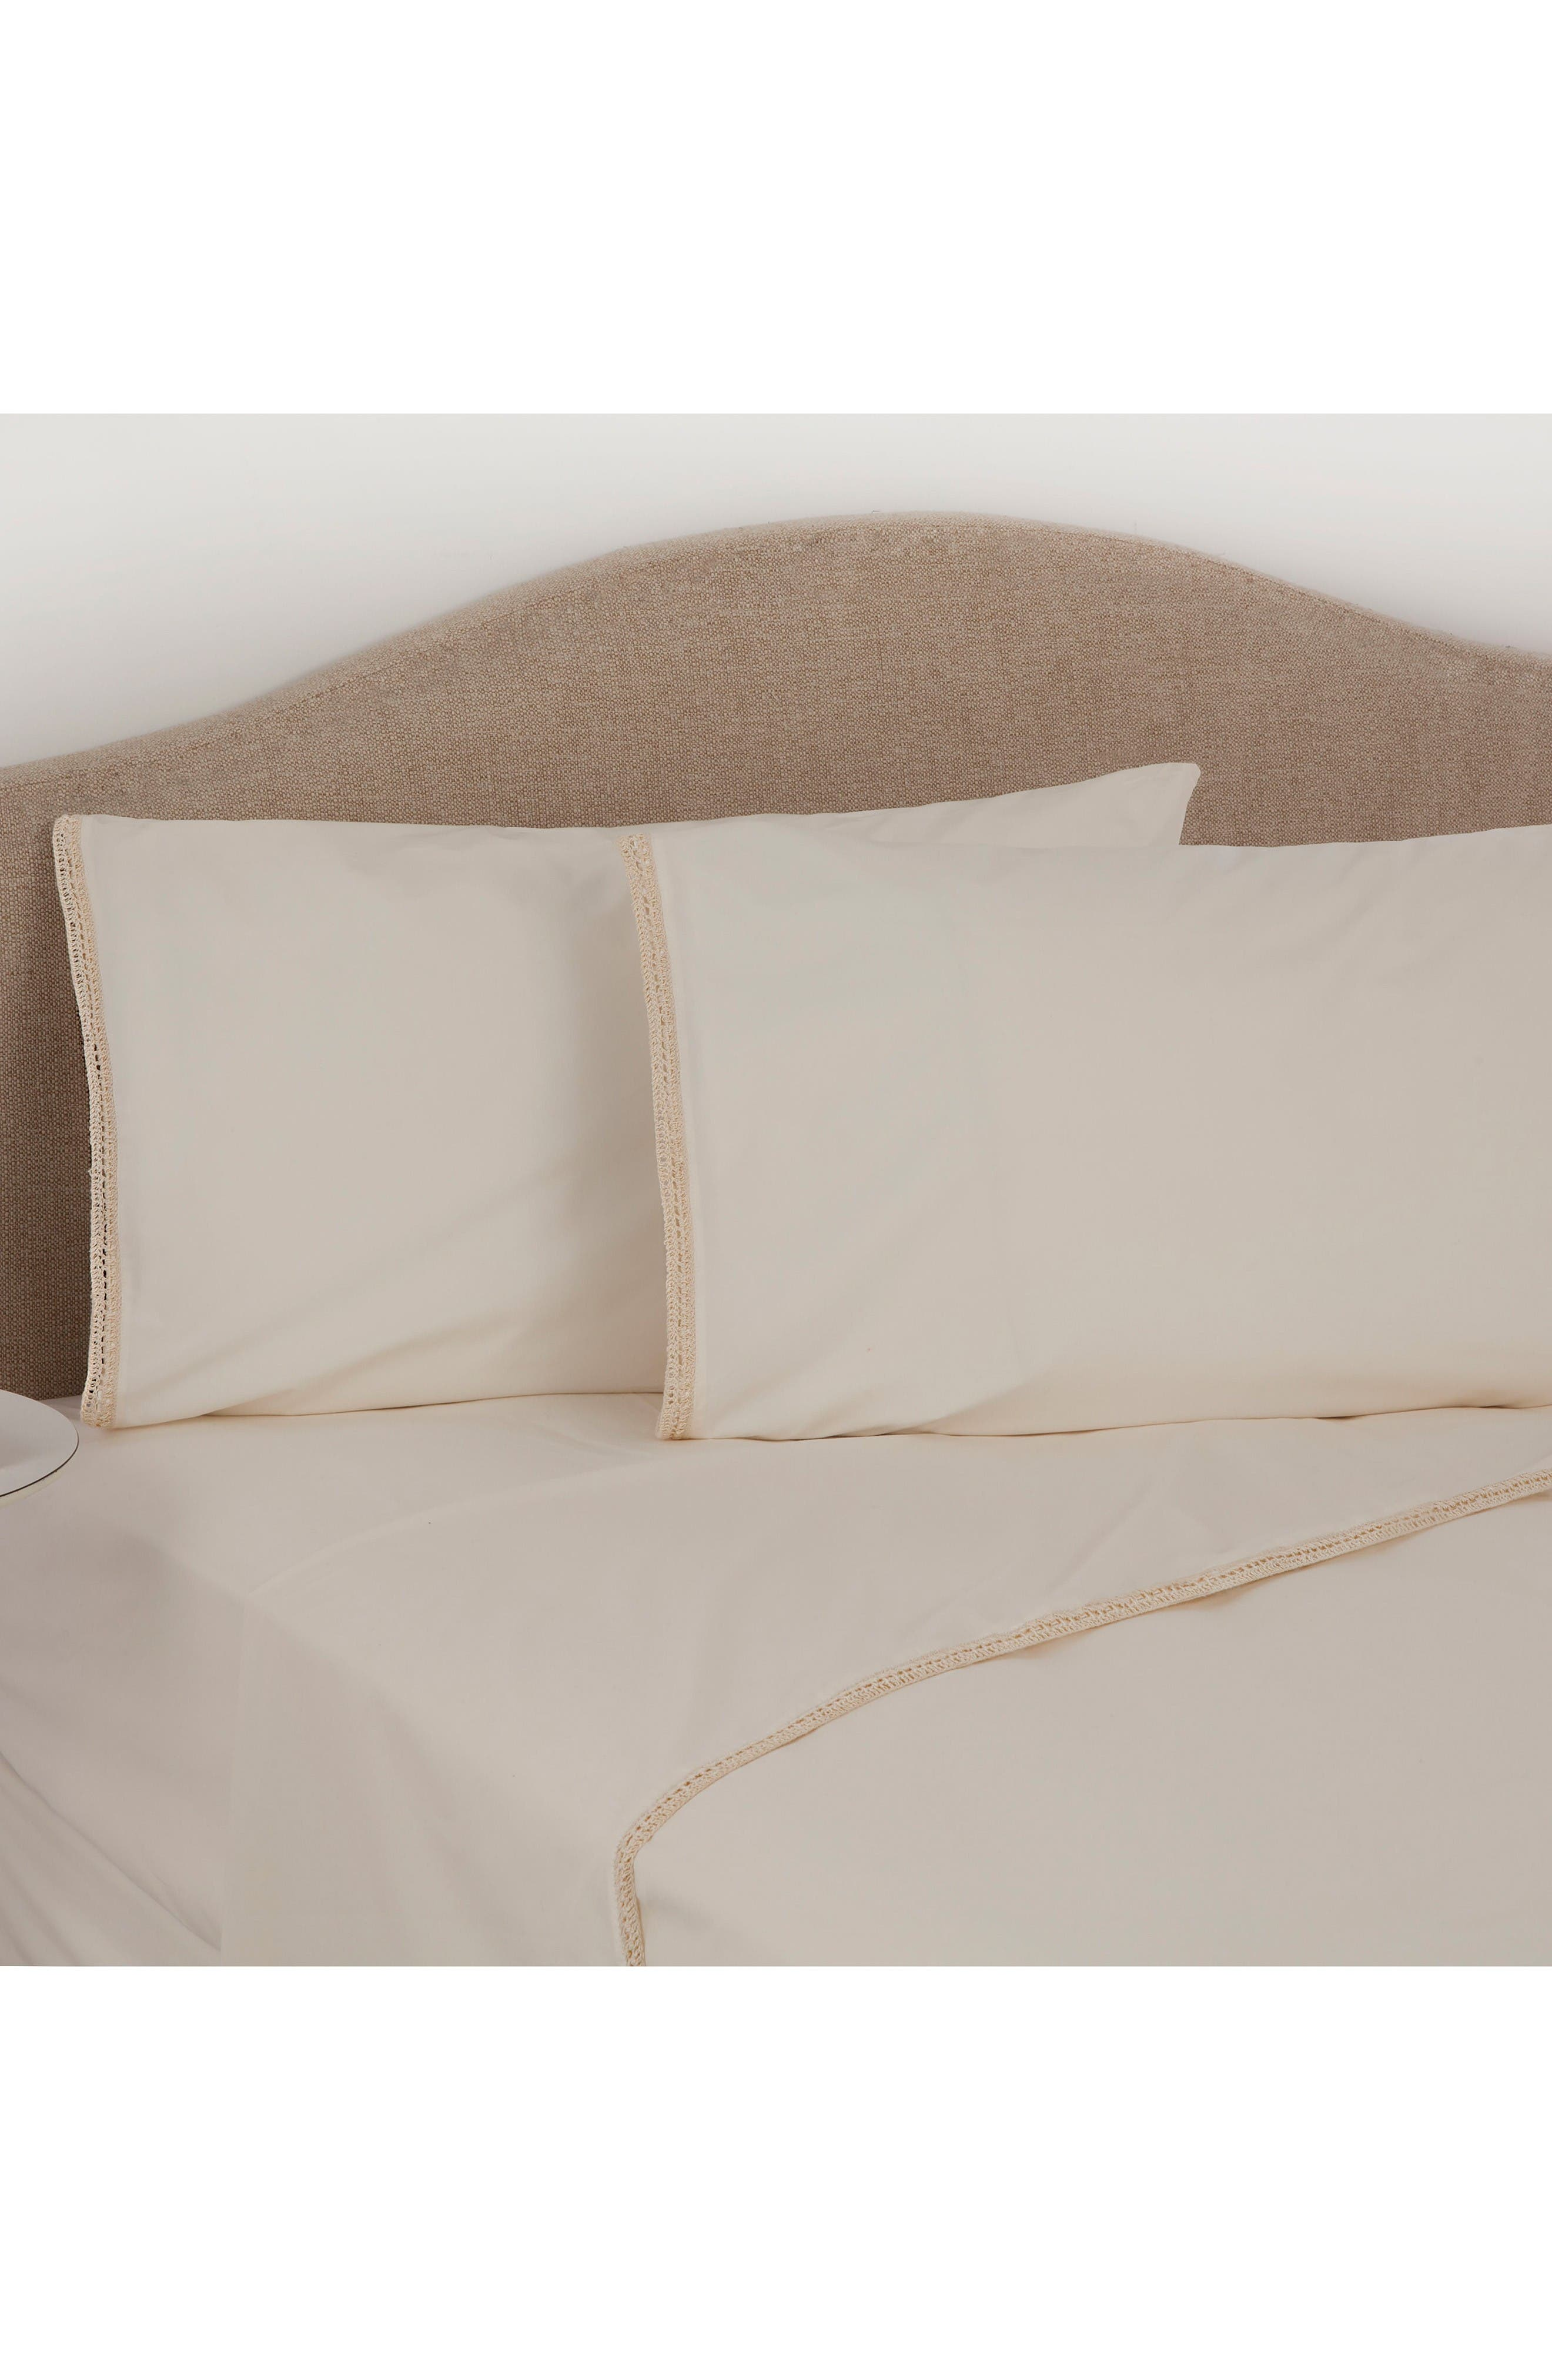 Crochet Trim Pillowcases,                         Main,                         color, Soft Cream